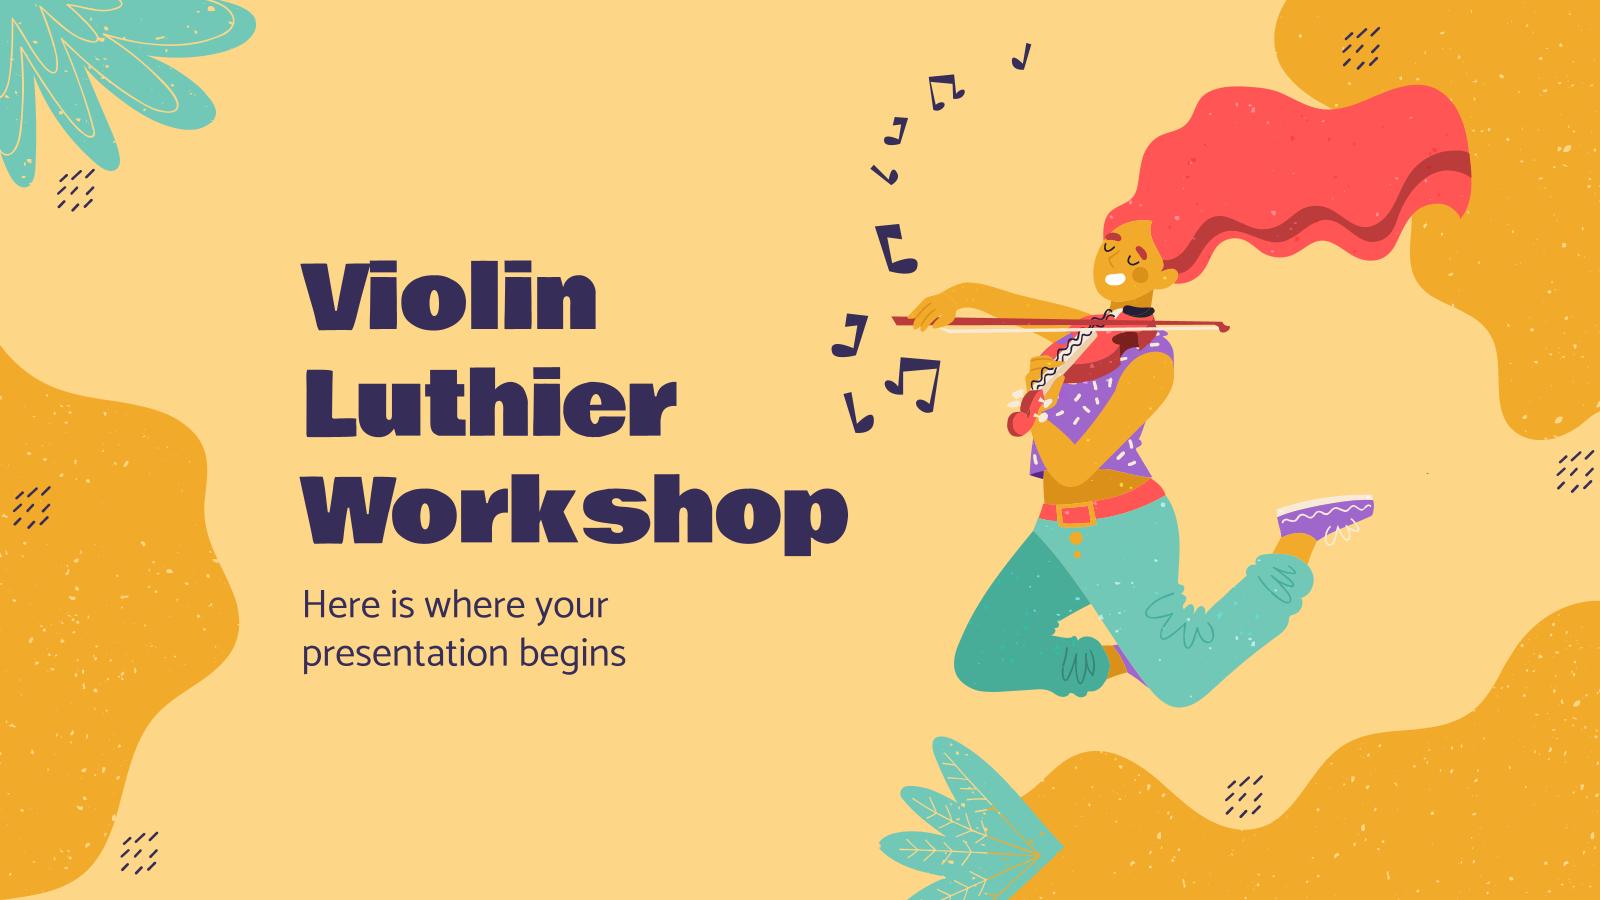 Violin Luthier Workshop presentation template